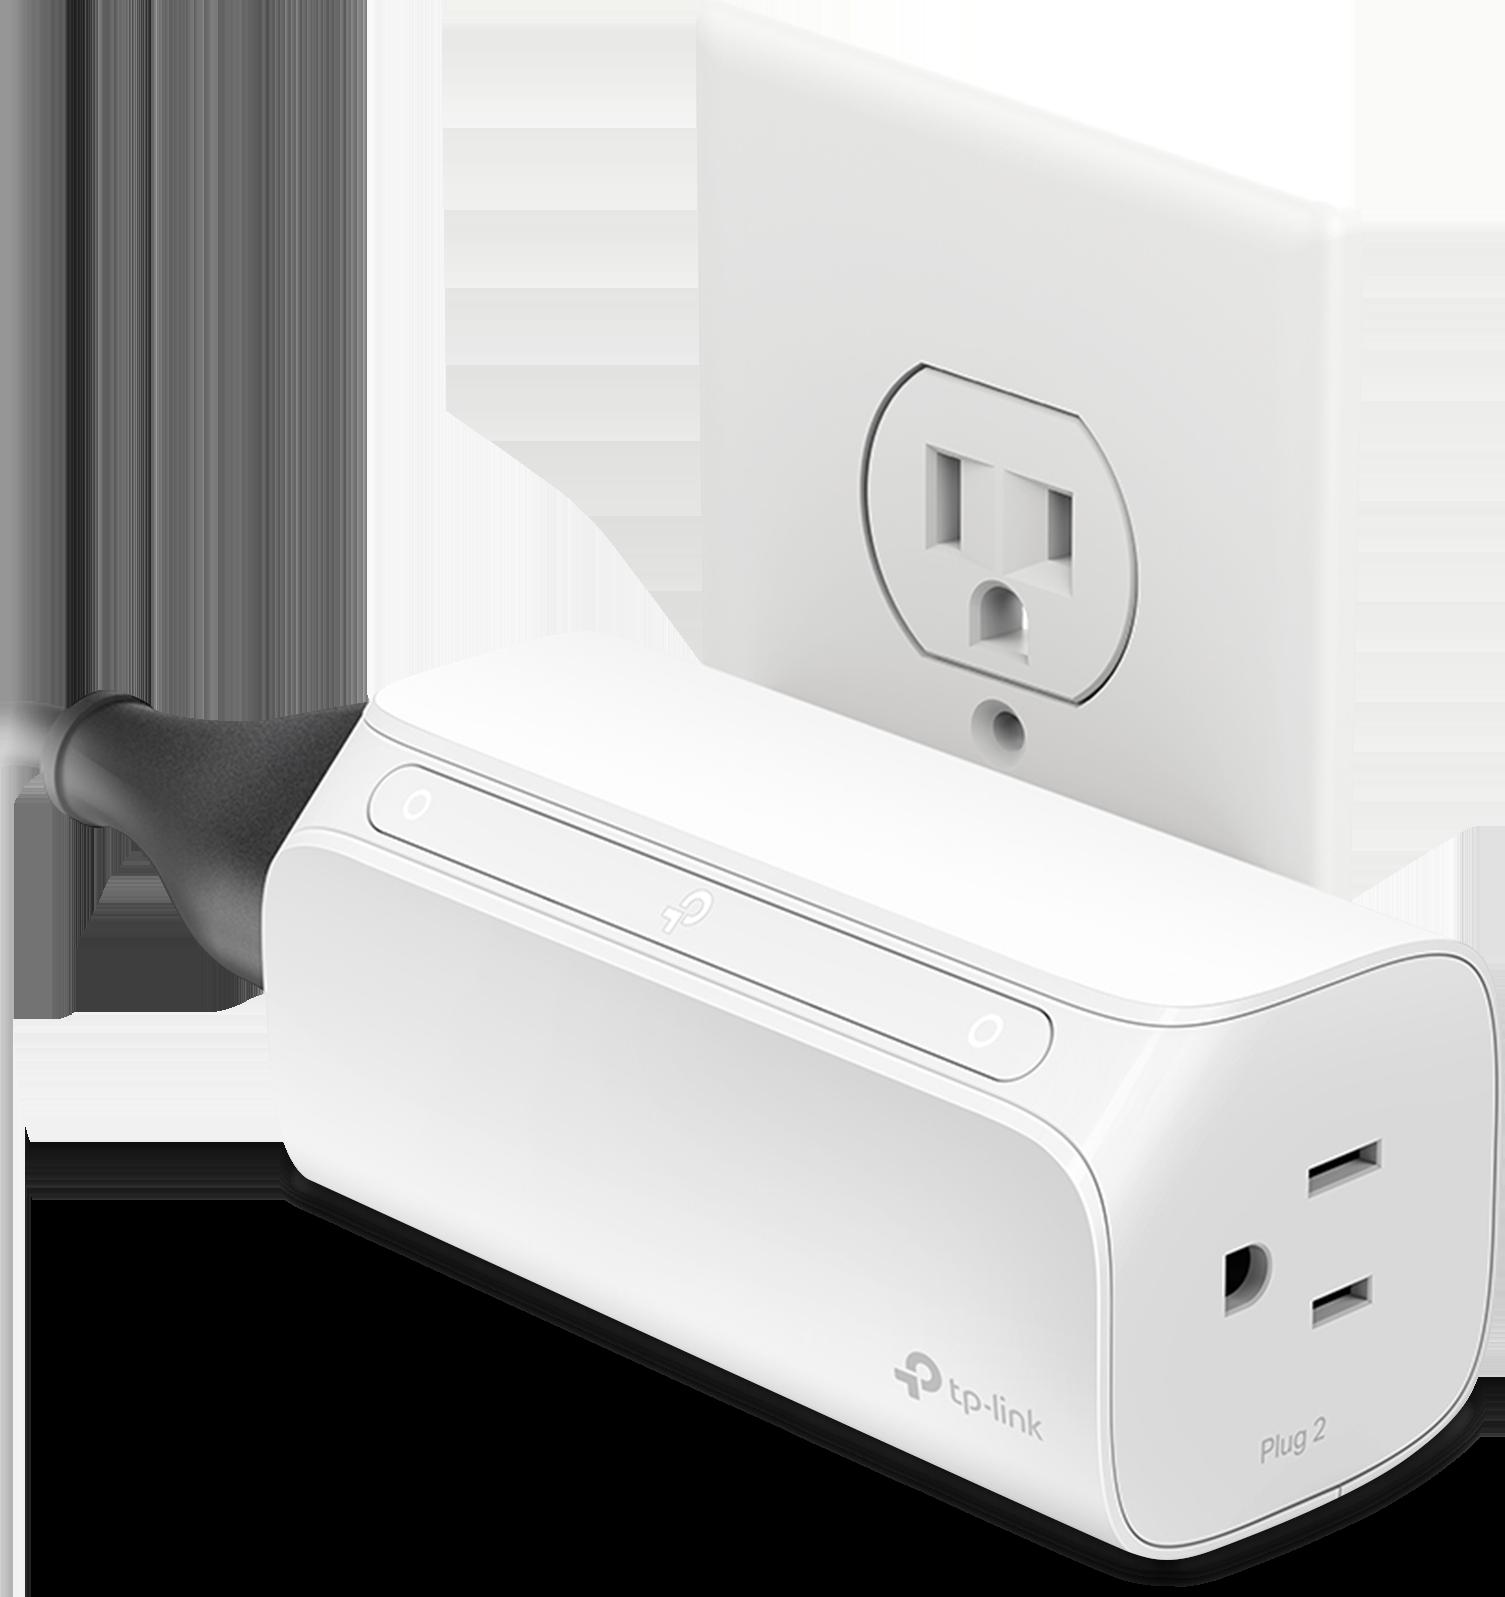 TP-Link Kasa Smart Wi-Fi Plug, 2-Outlets